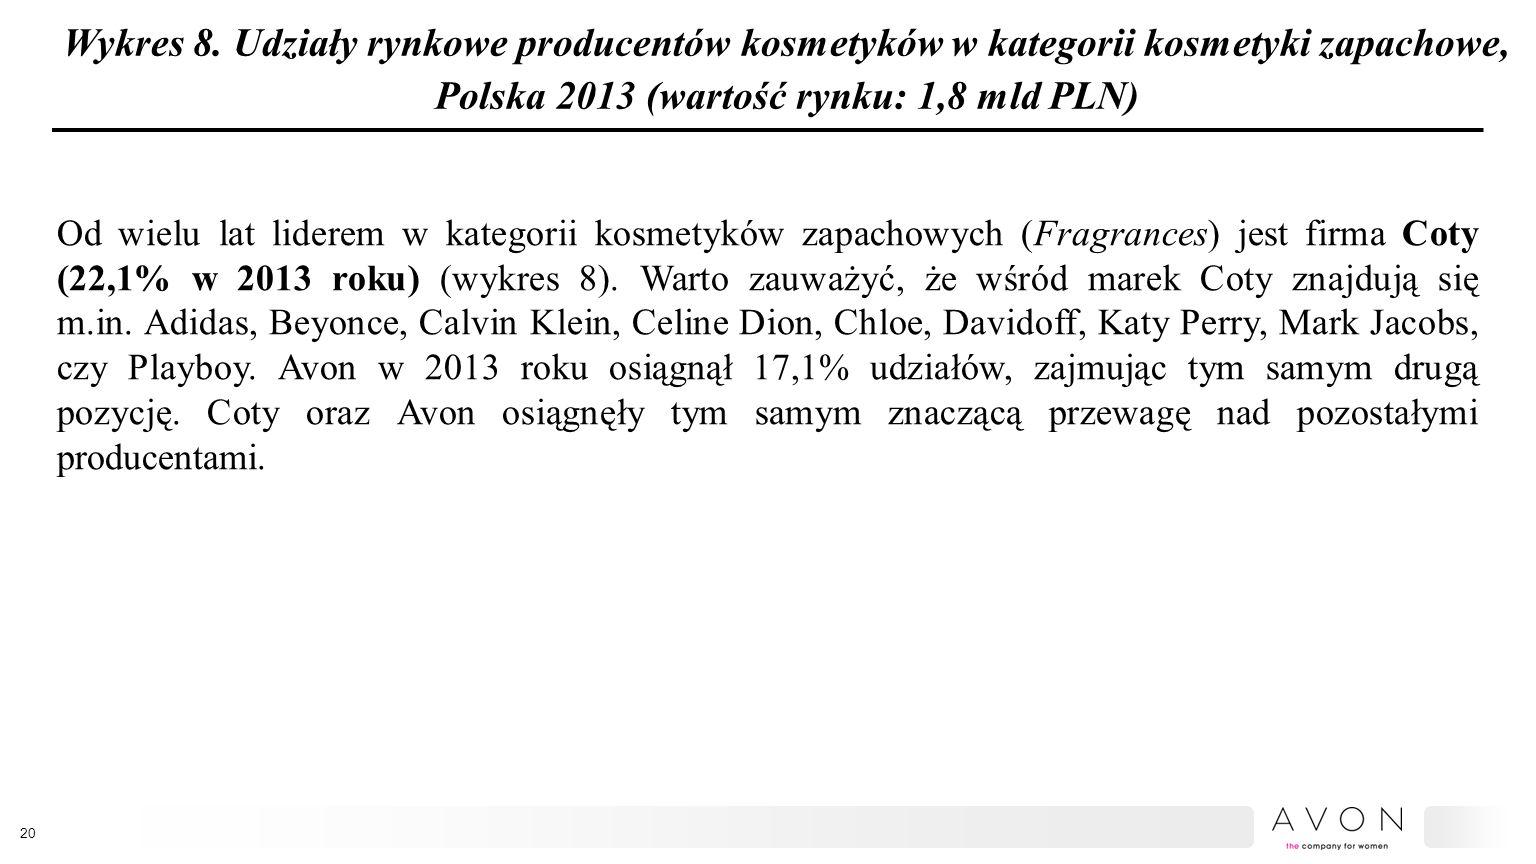 Wykres 8. Udziały rynkowe producentów kosmetyków w kategorii kosmetyki zapachowe, Polska 2013 (wartość rynku: 1,8 mld PLN)